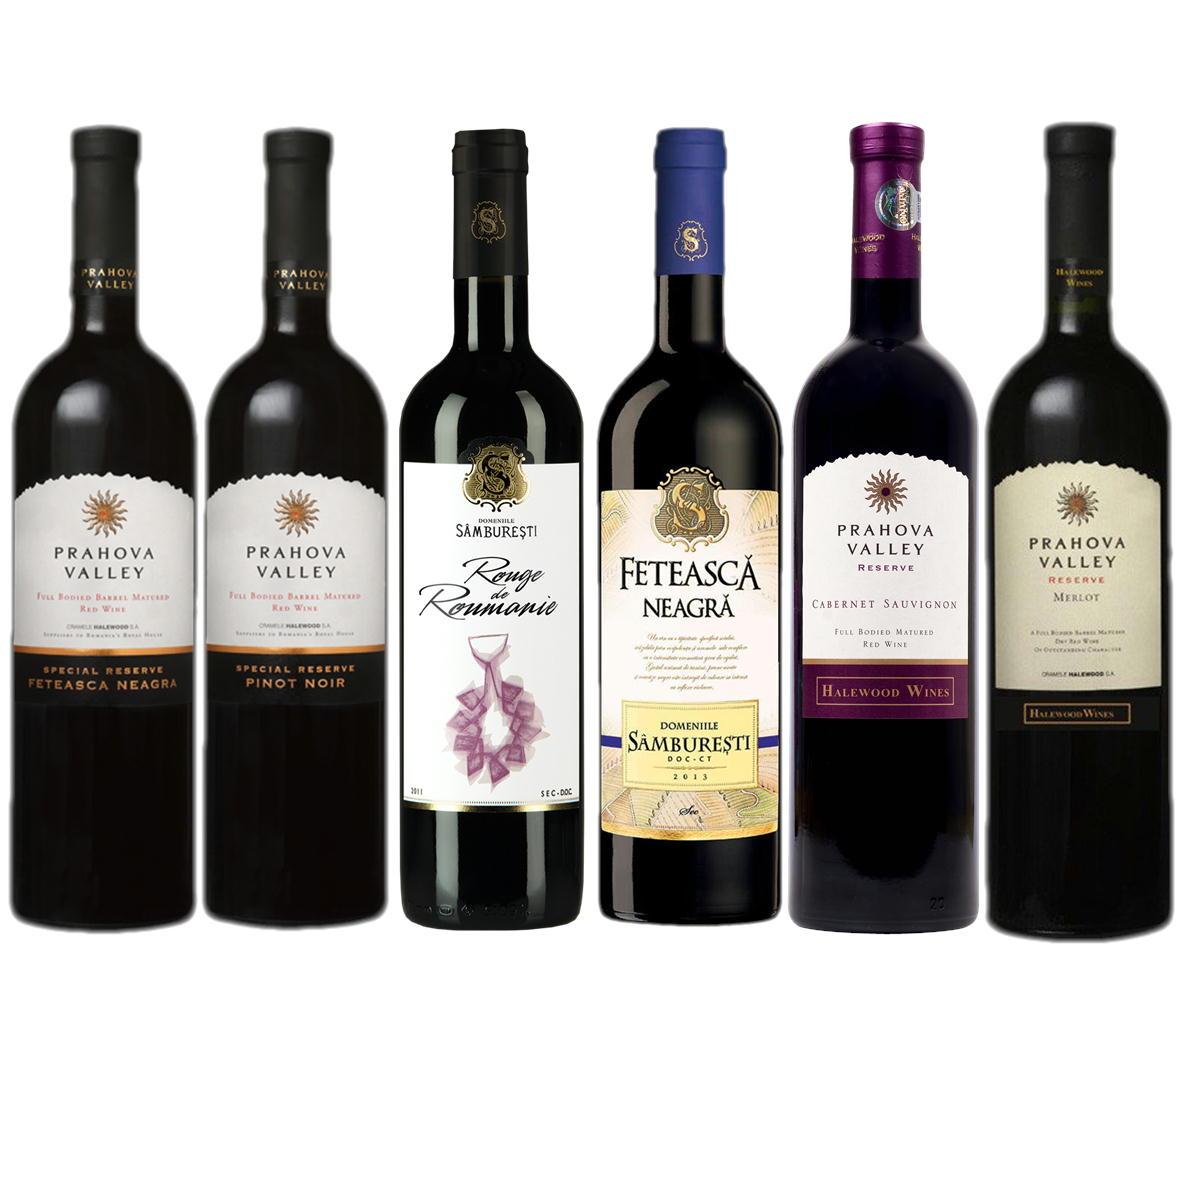 サンブレスティと当店売れ筋赤ワイン4種の飲み比べ赤ワイン6本セット